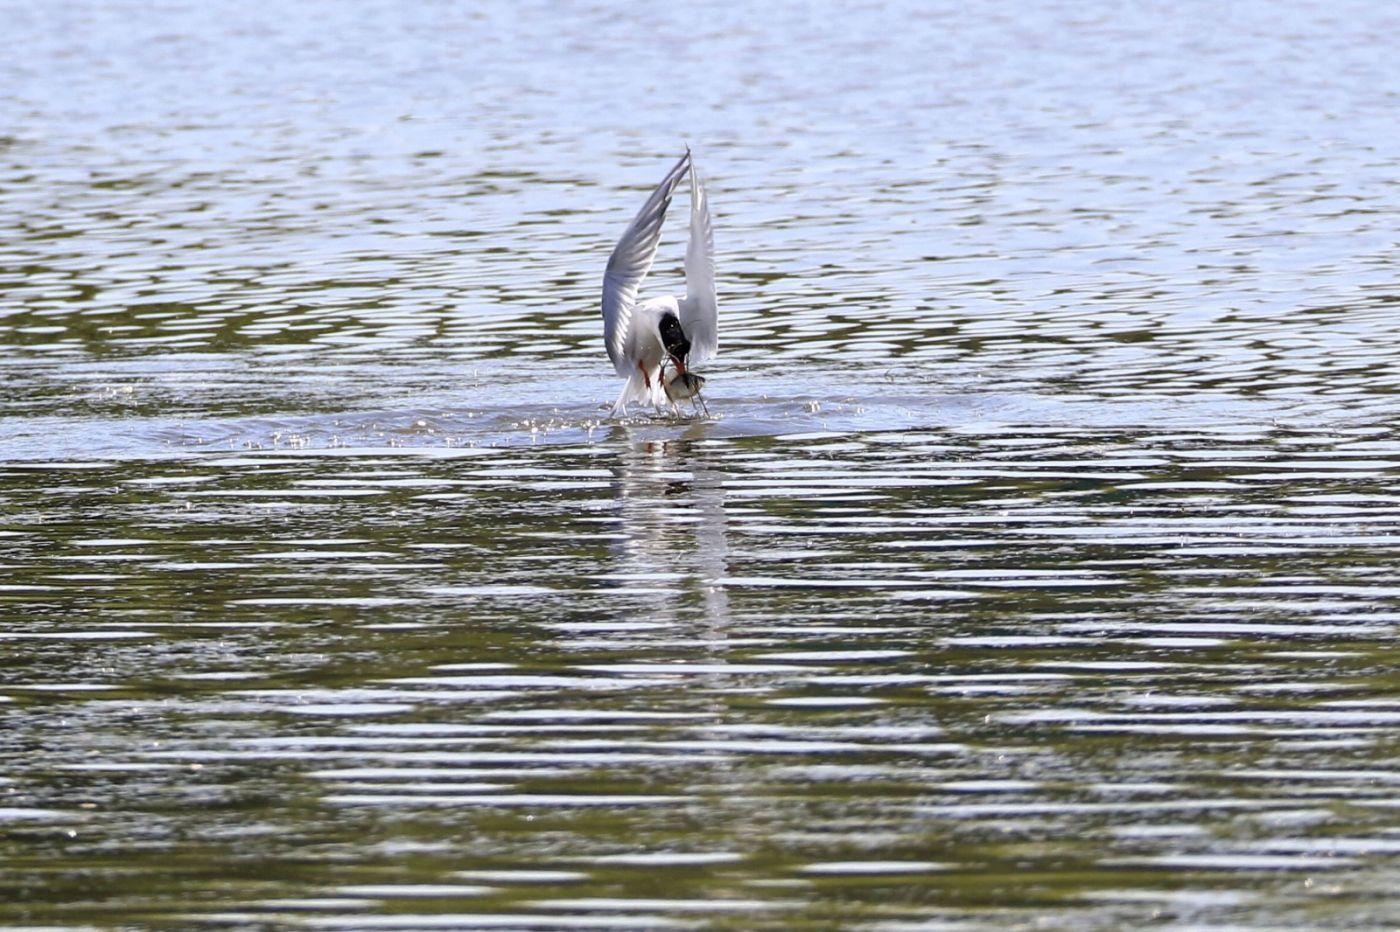 燕鸥捕鱼_图1-8